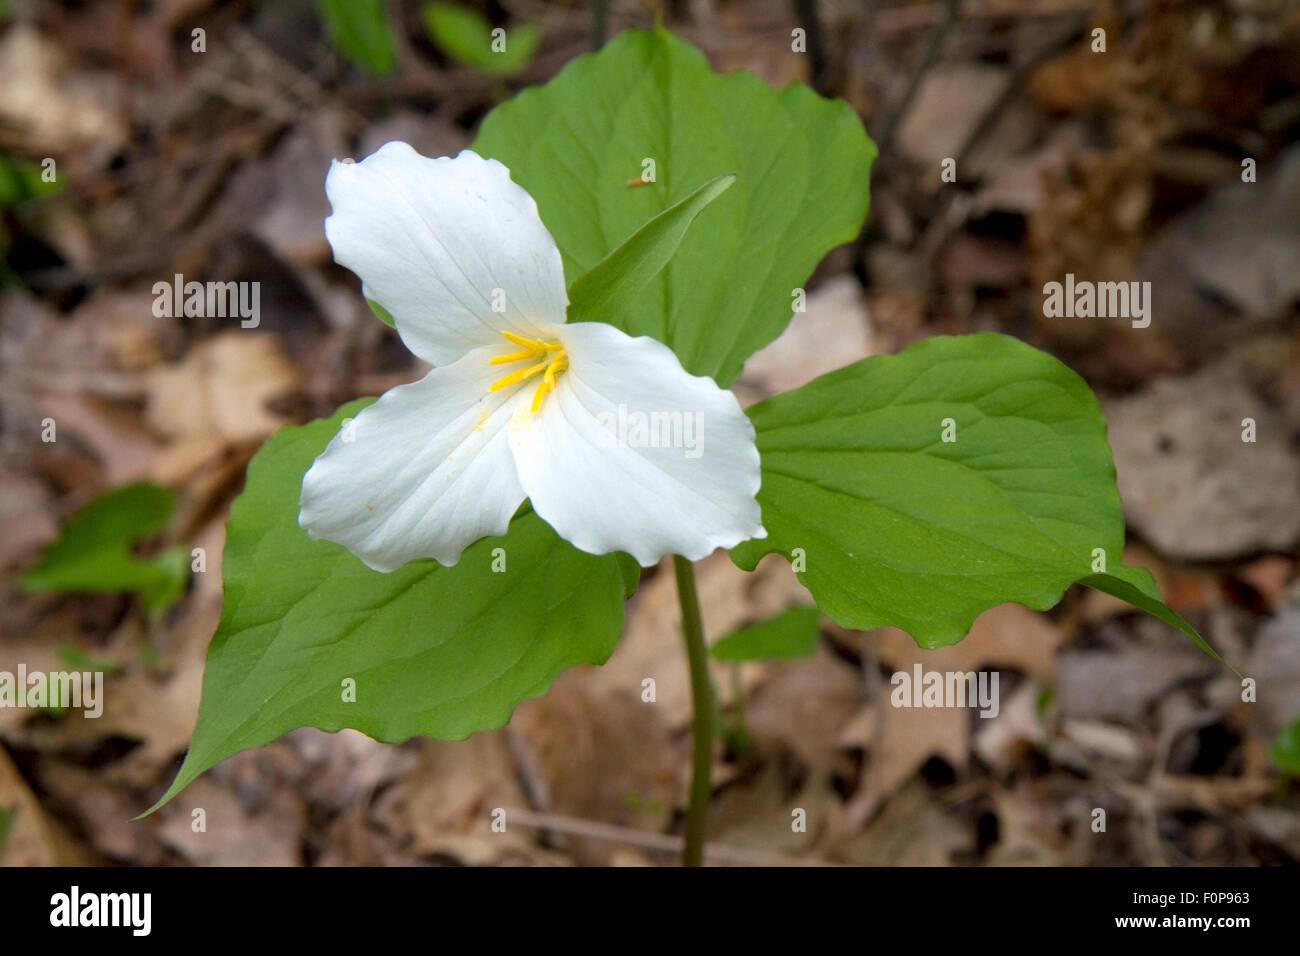 Trillium Flower Stock Photos Trillium Flower Stock Images Alamy